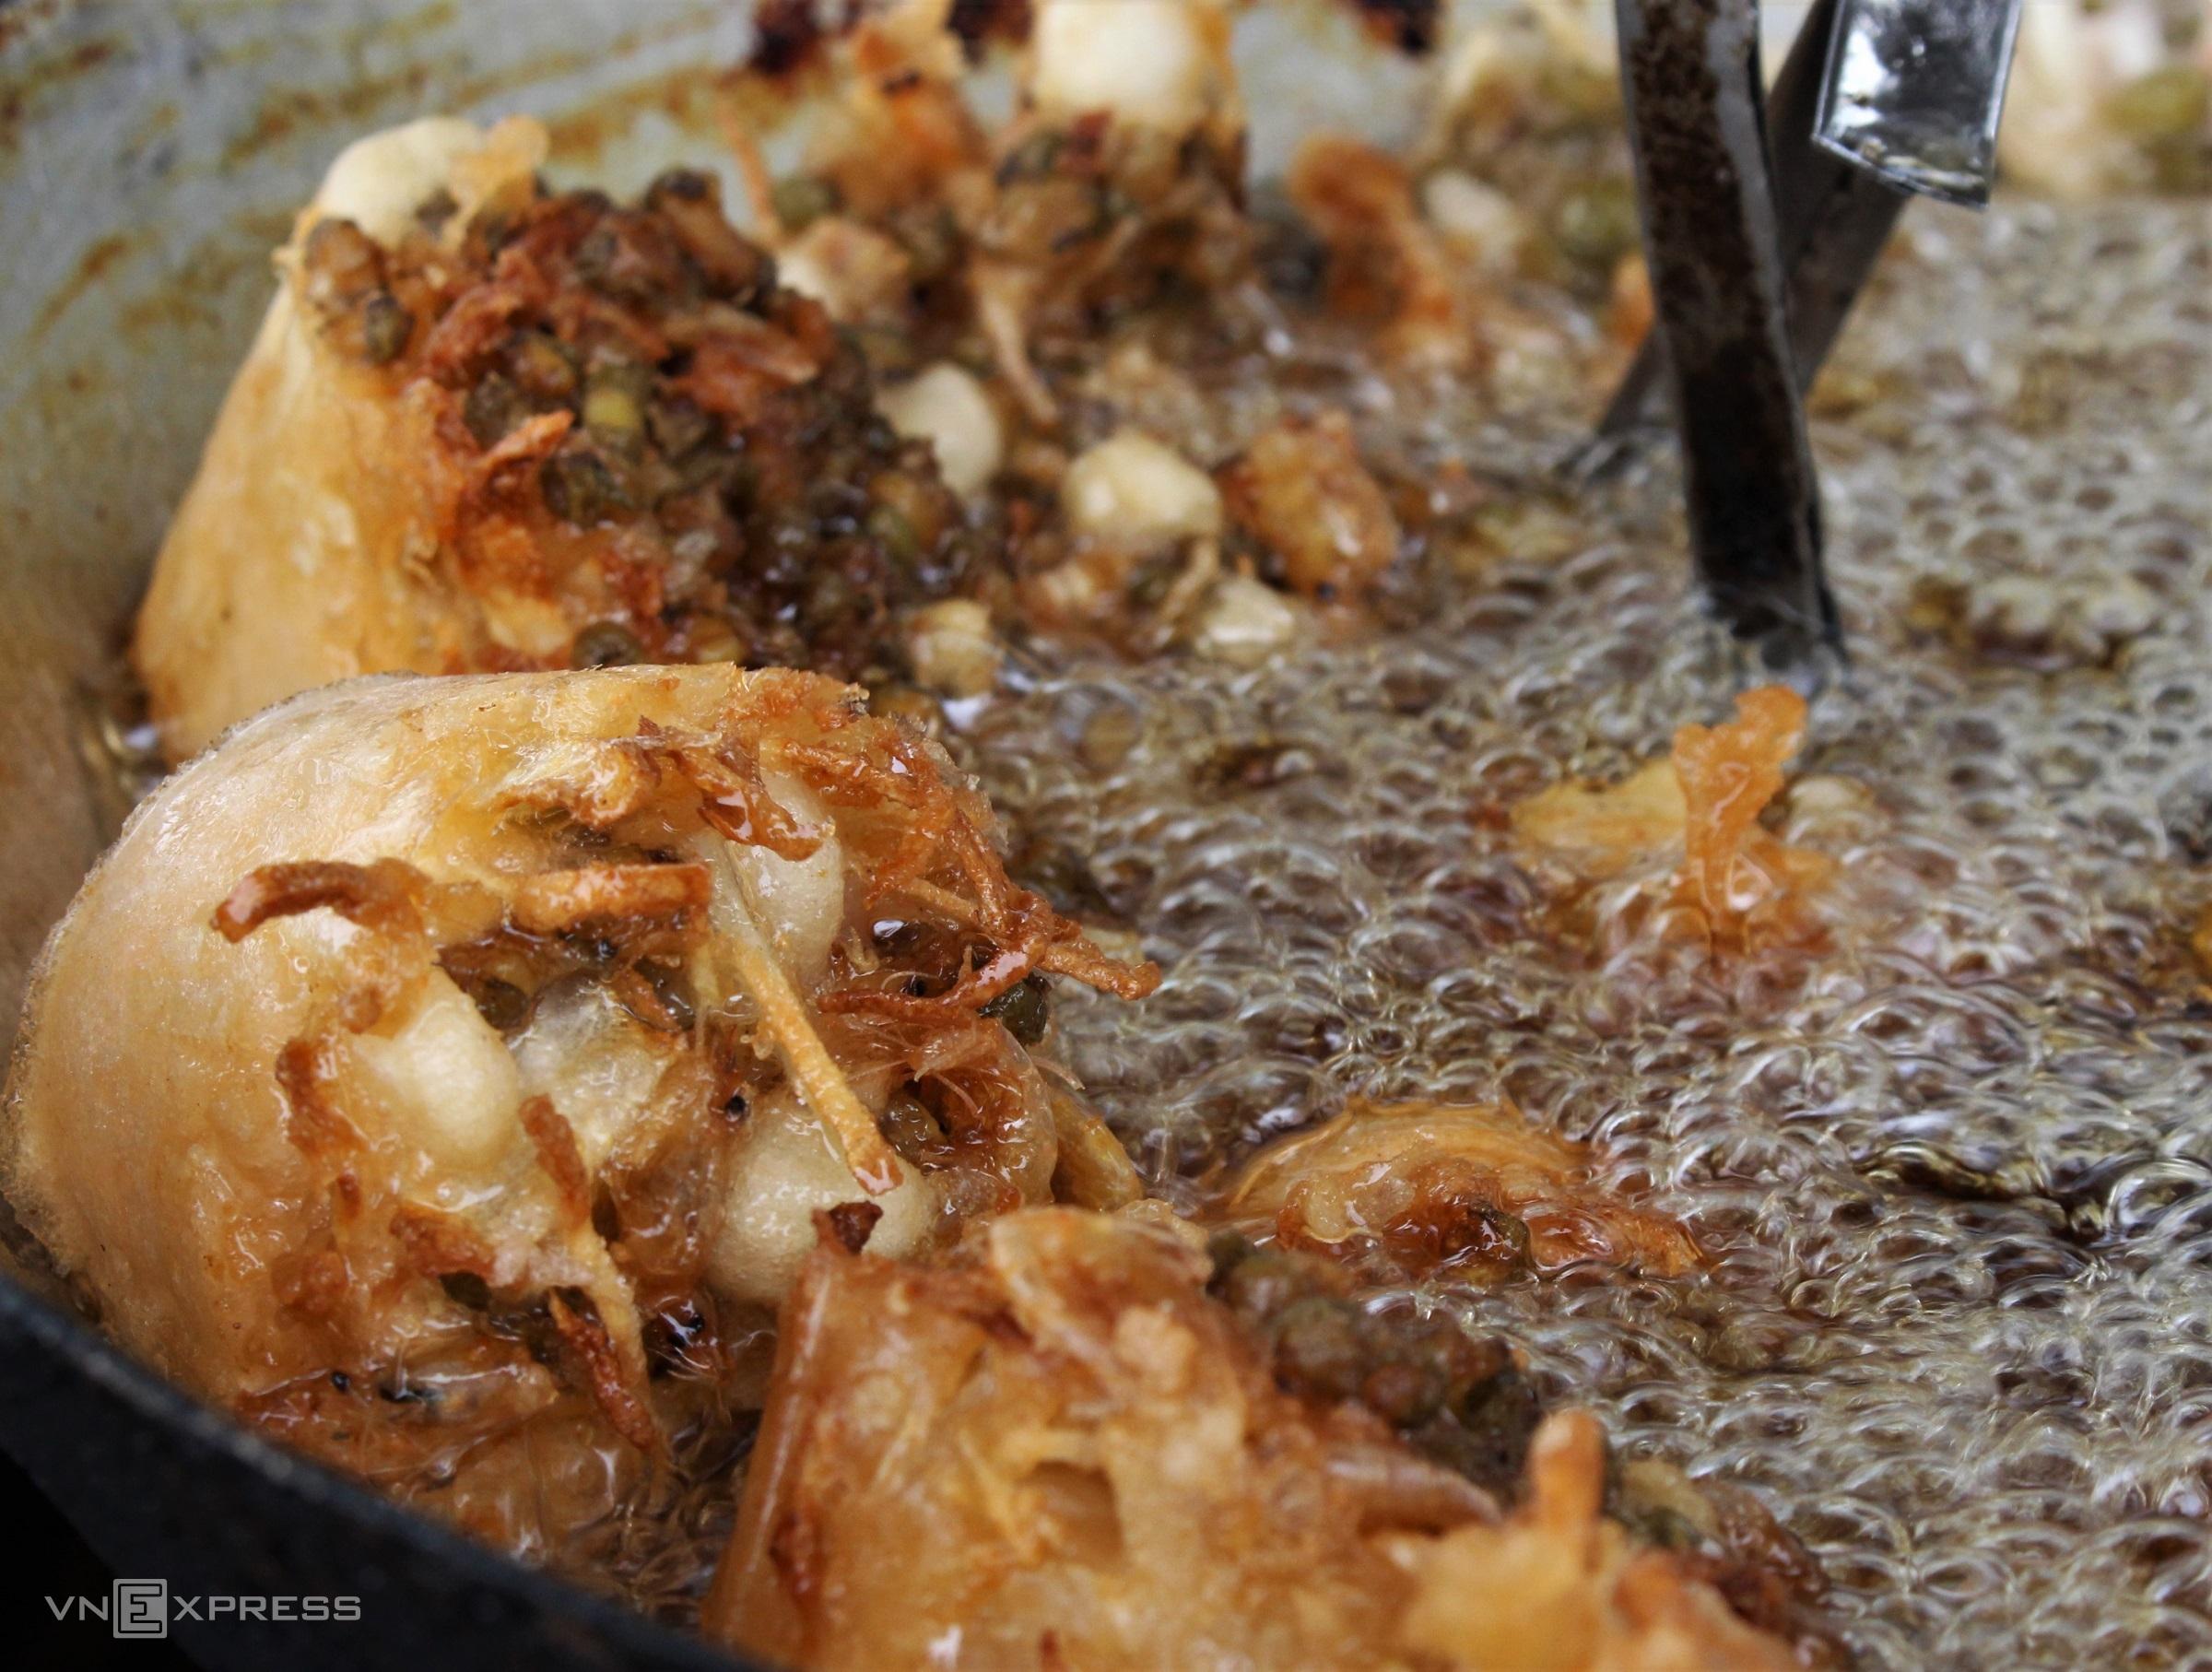 Bánh cống bắt nguồn từ tên dụng cụ làm bánh có khuôn nhỏ hình trụ, thân ngắn, phần đáy bịt kín để đựng bột cùng các nguyên liệu như đậu xanh nấu chín, củ sắn cắt nhỏ và tép trấu luộc chín. Bánh cống ở Hậu Giang có kích thước nhỏ, chiên trong chảo ngập dầu để có bề ngoài vàng rụm và chín phần bột bên trong.